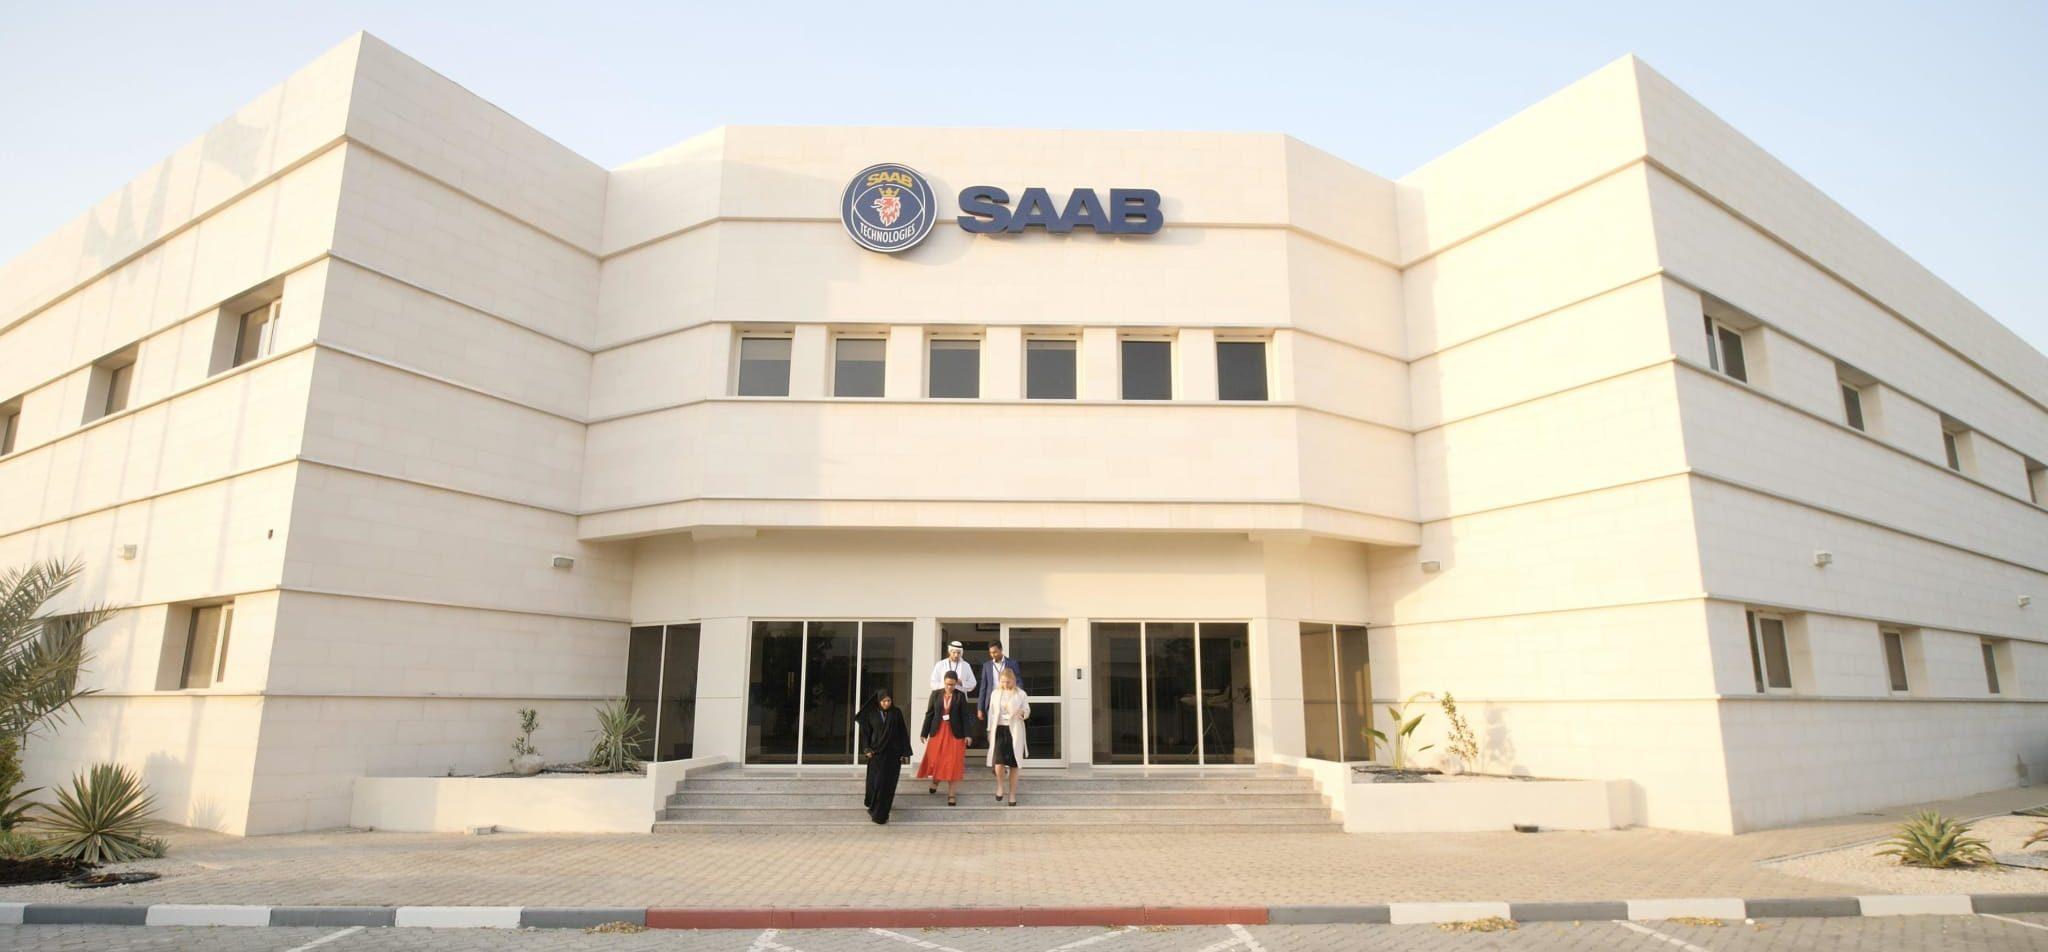 Saab-Abu Dhabi ساب